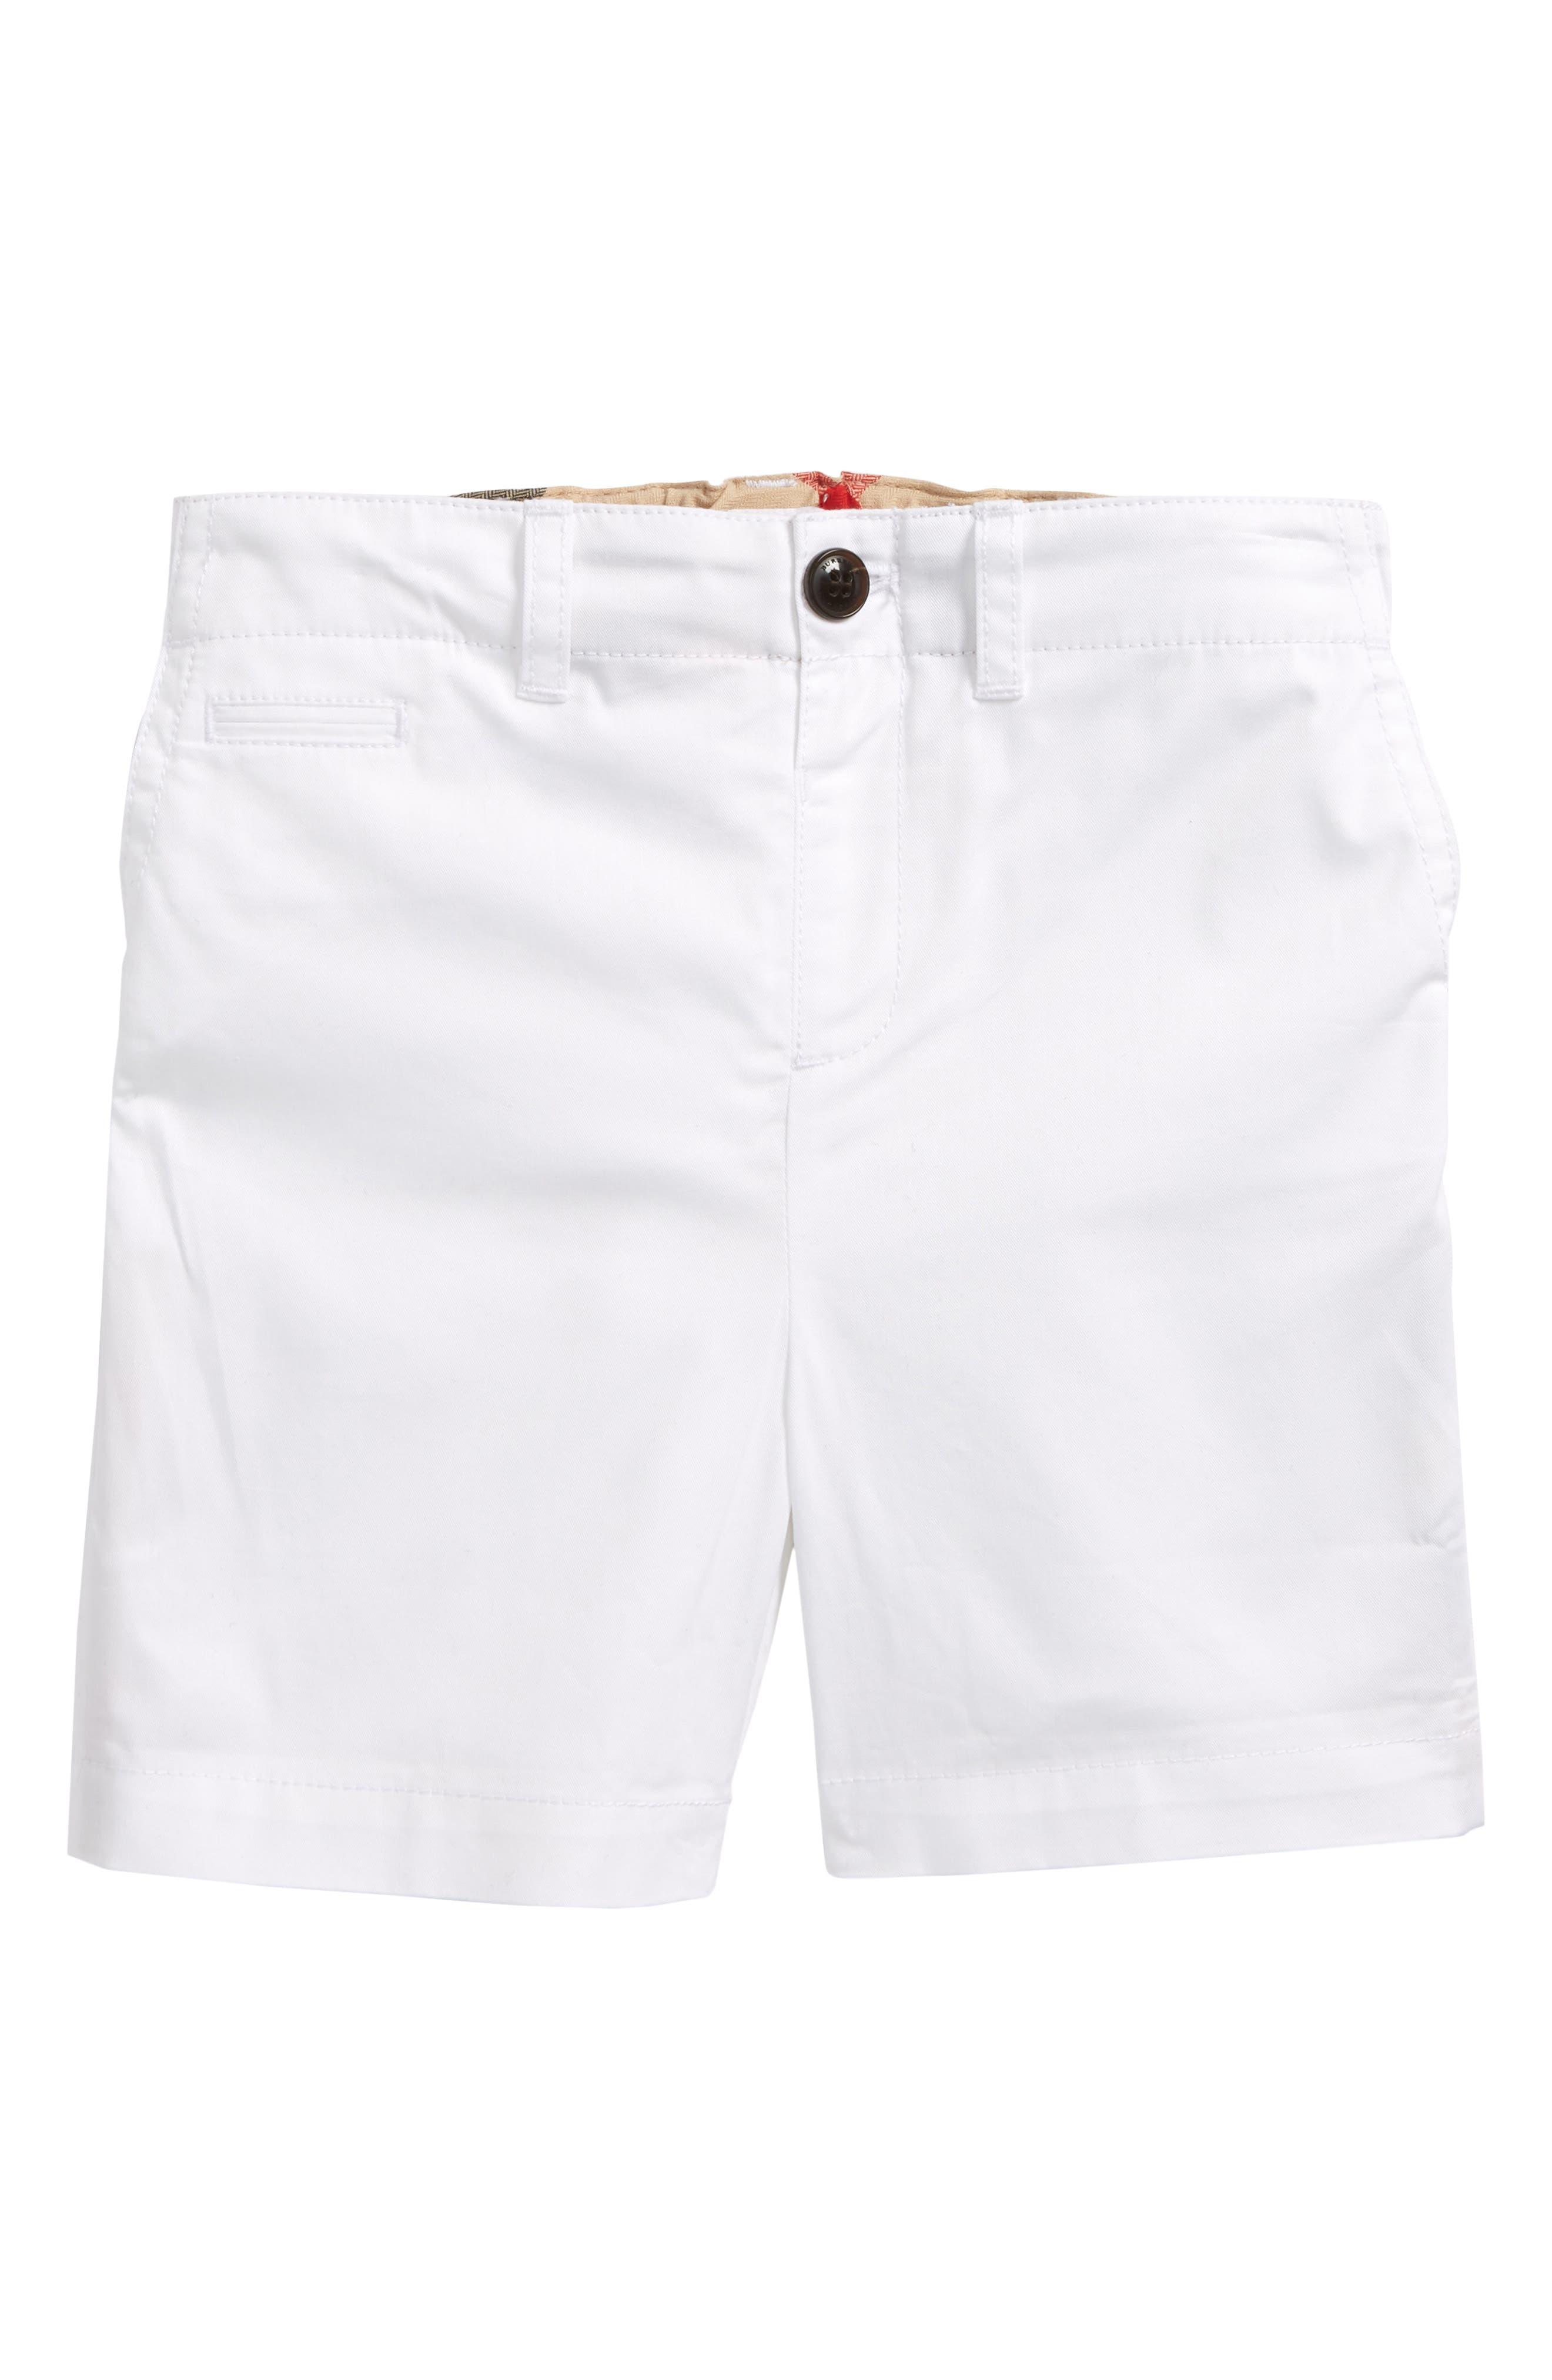 Tina Cotton Twill Shorts,                             Main thumbnail 1, color,